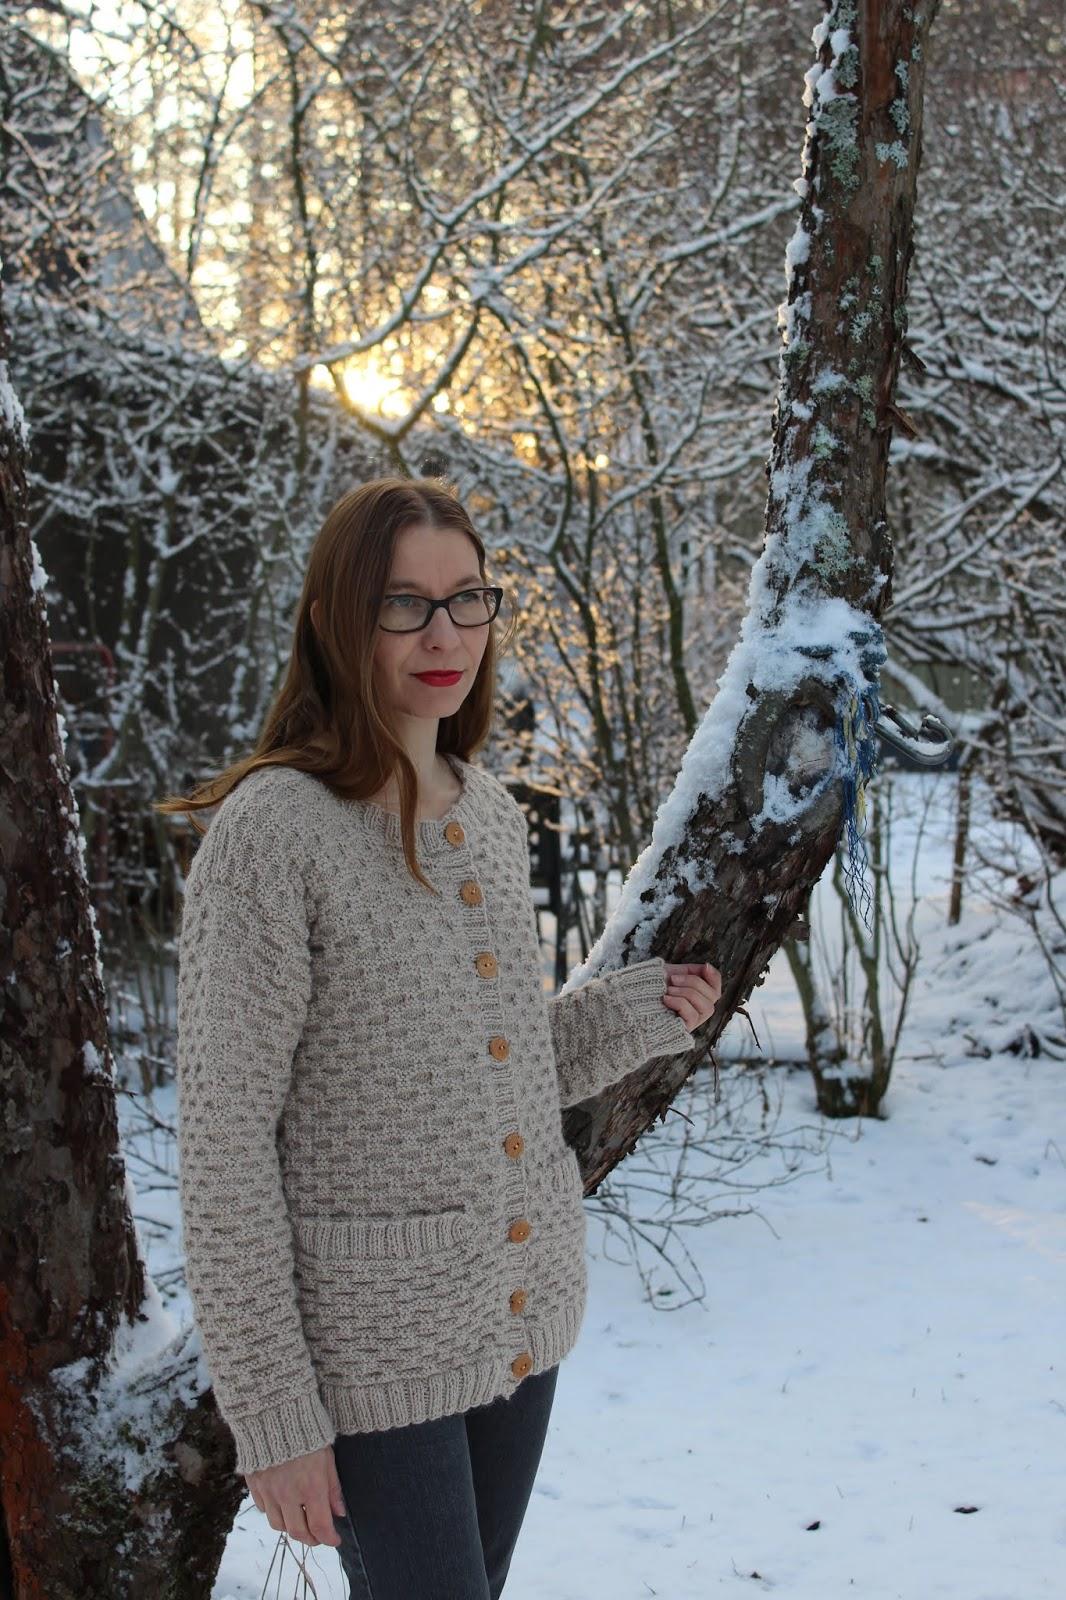 8be62c687d8 ... kyllä raaskinut ostaa sen hintaisia lankoja mutta takki olikin tulossa  lahjaksi siskolleni